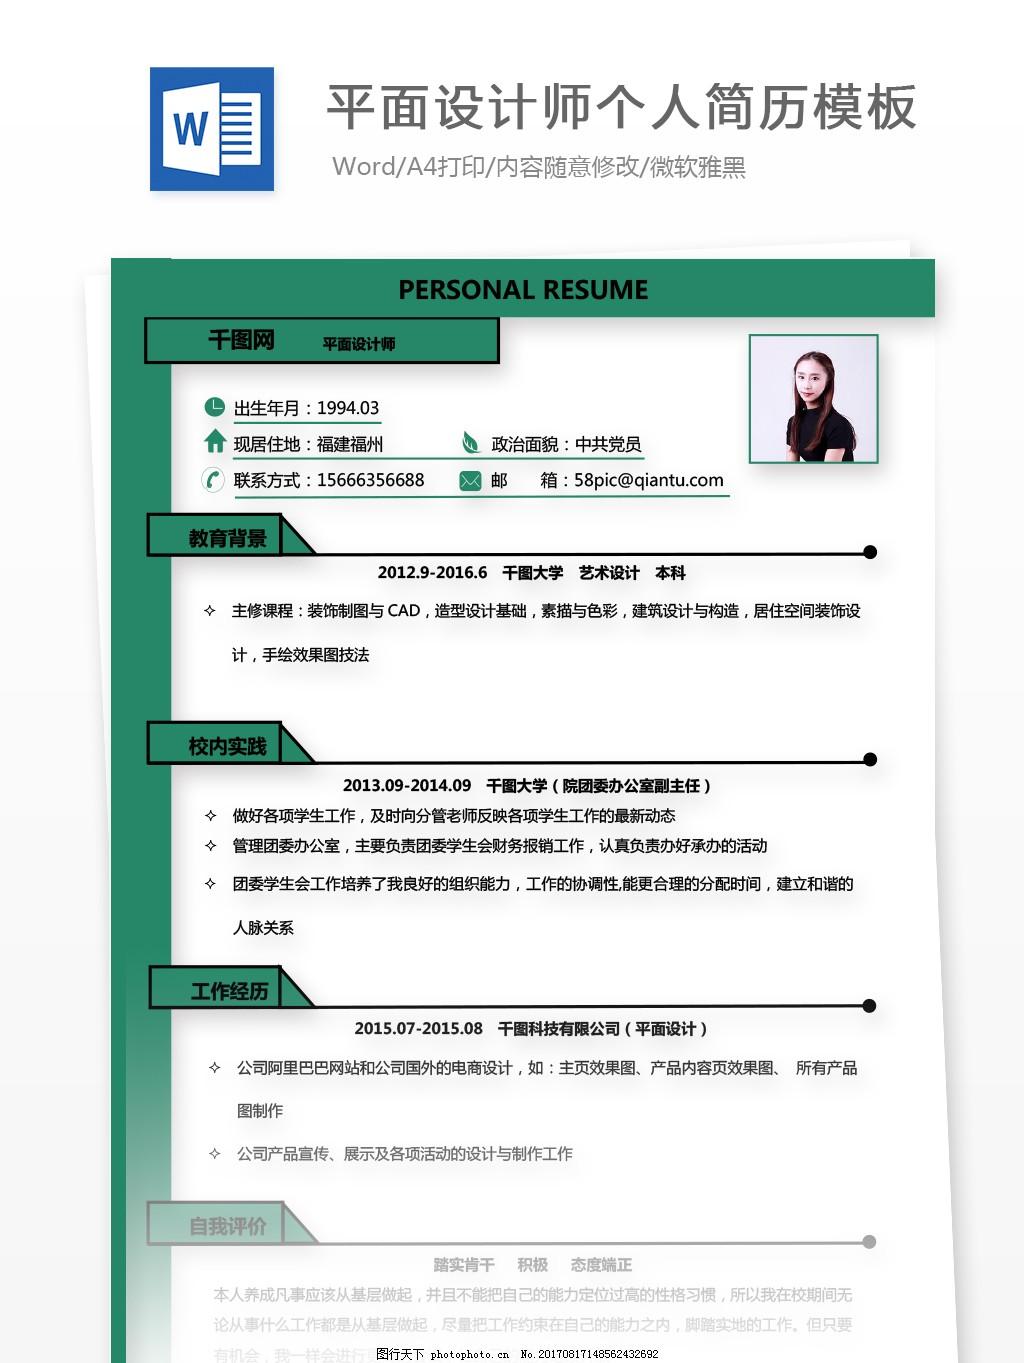 平面应届毕业生意向的自我介绍(求职大学:简历效果图风设计中国图片